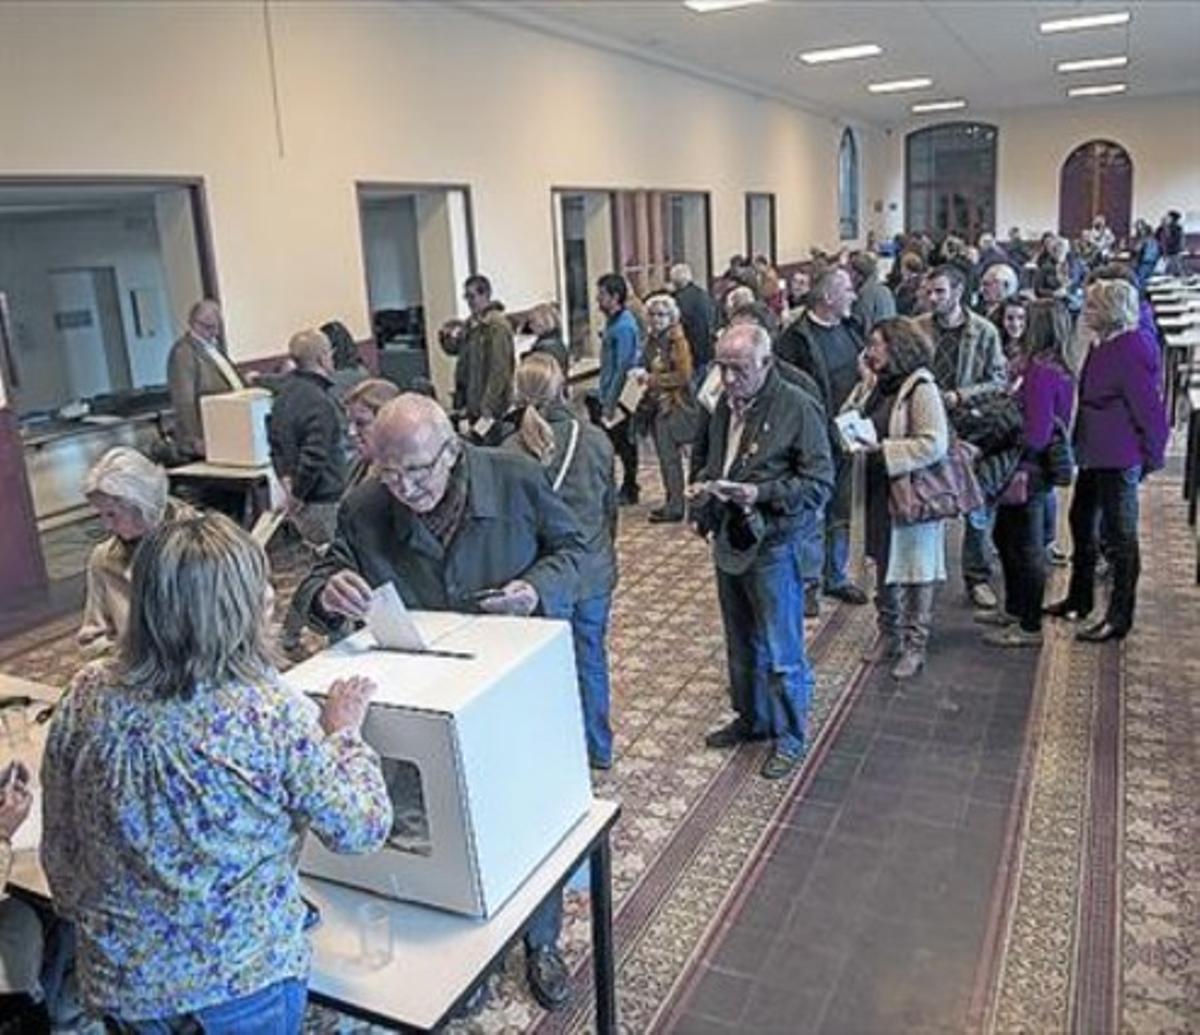 Votantes esperando para depositar la papeleta, el pasado 9-N.